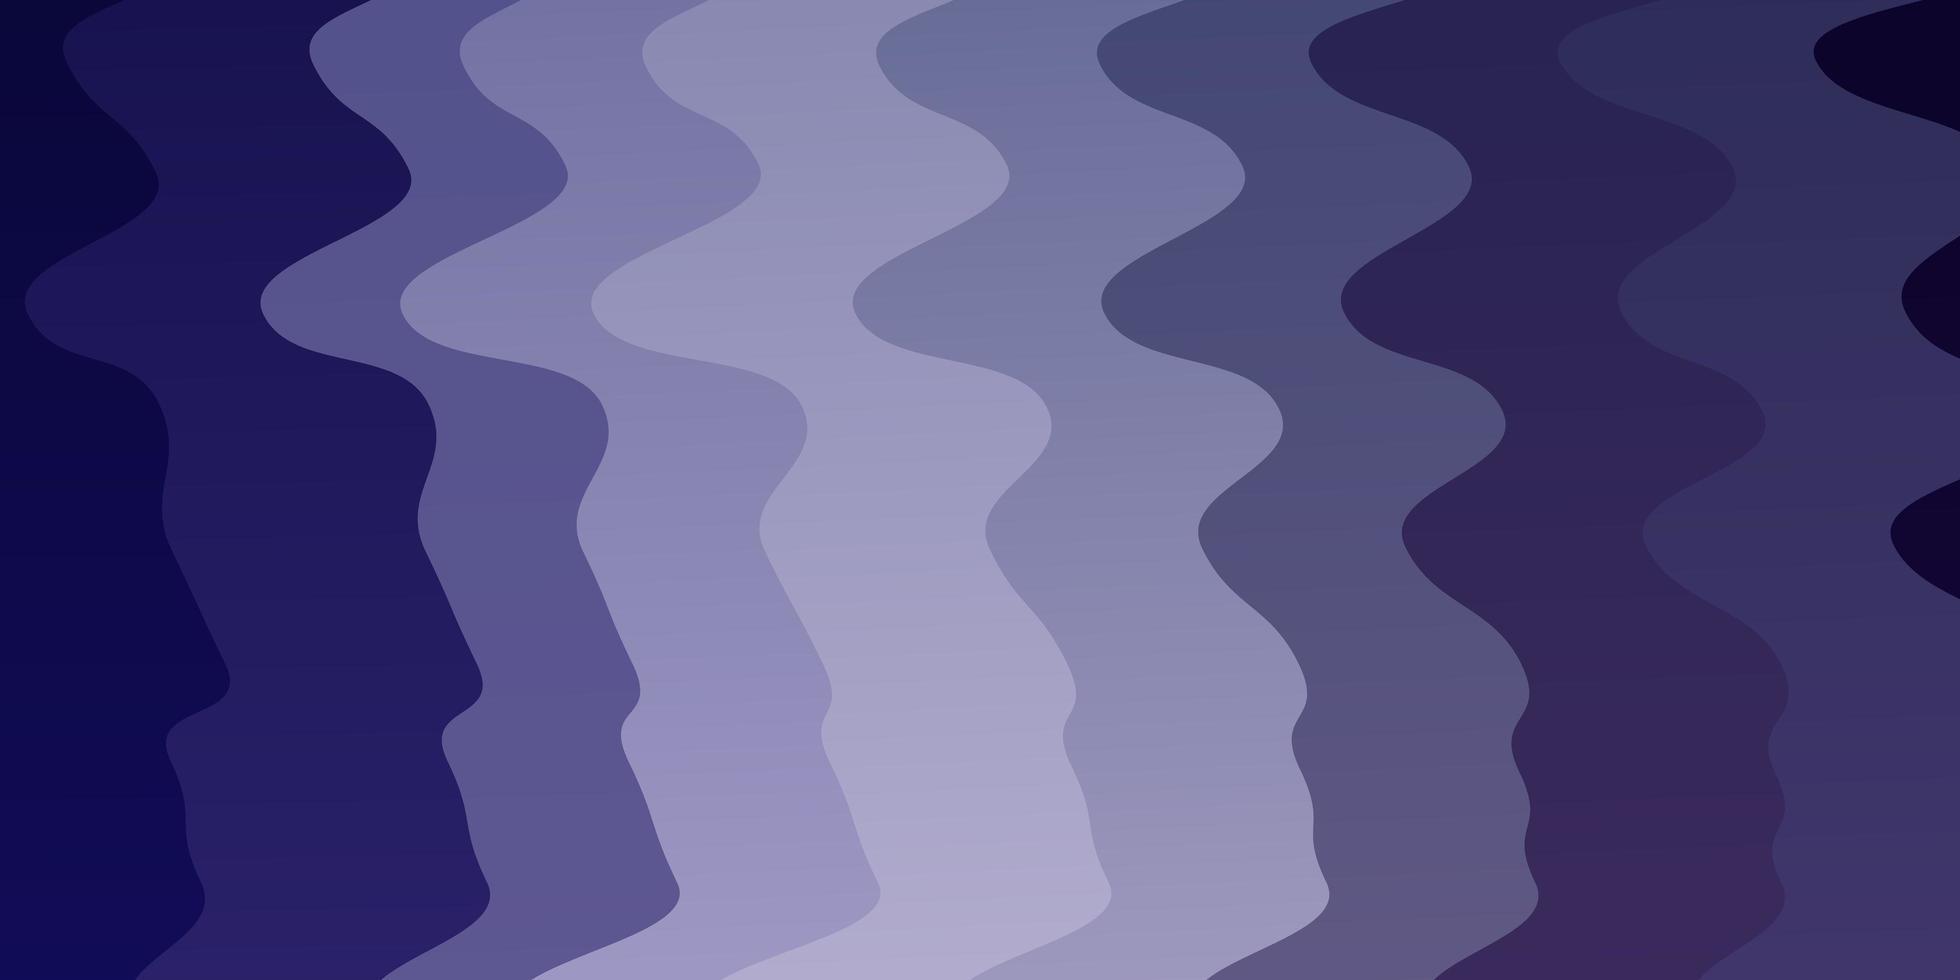 ljuslila vektor bakgrund med cirkulär båge.